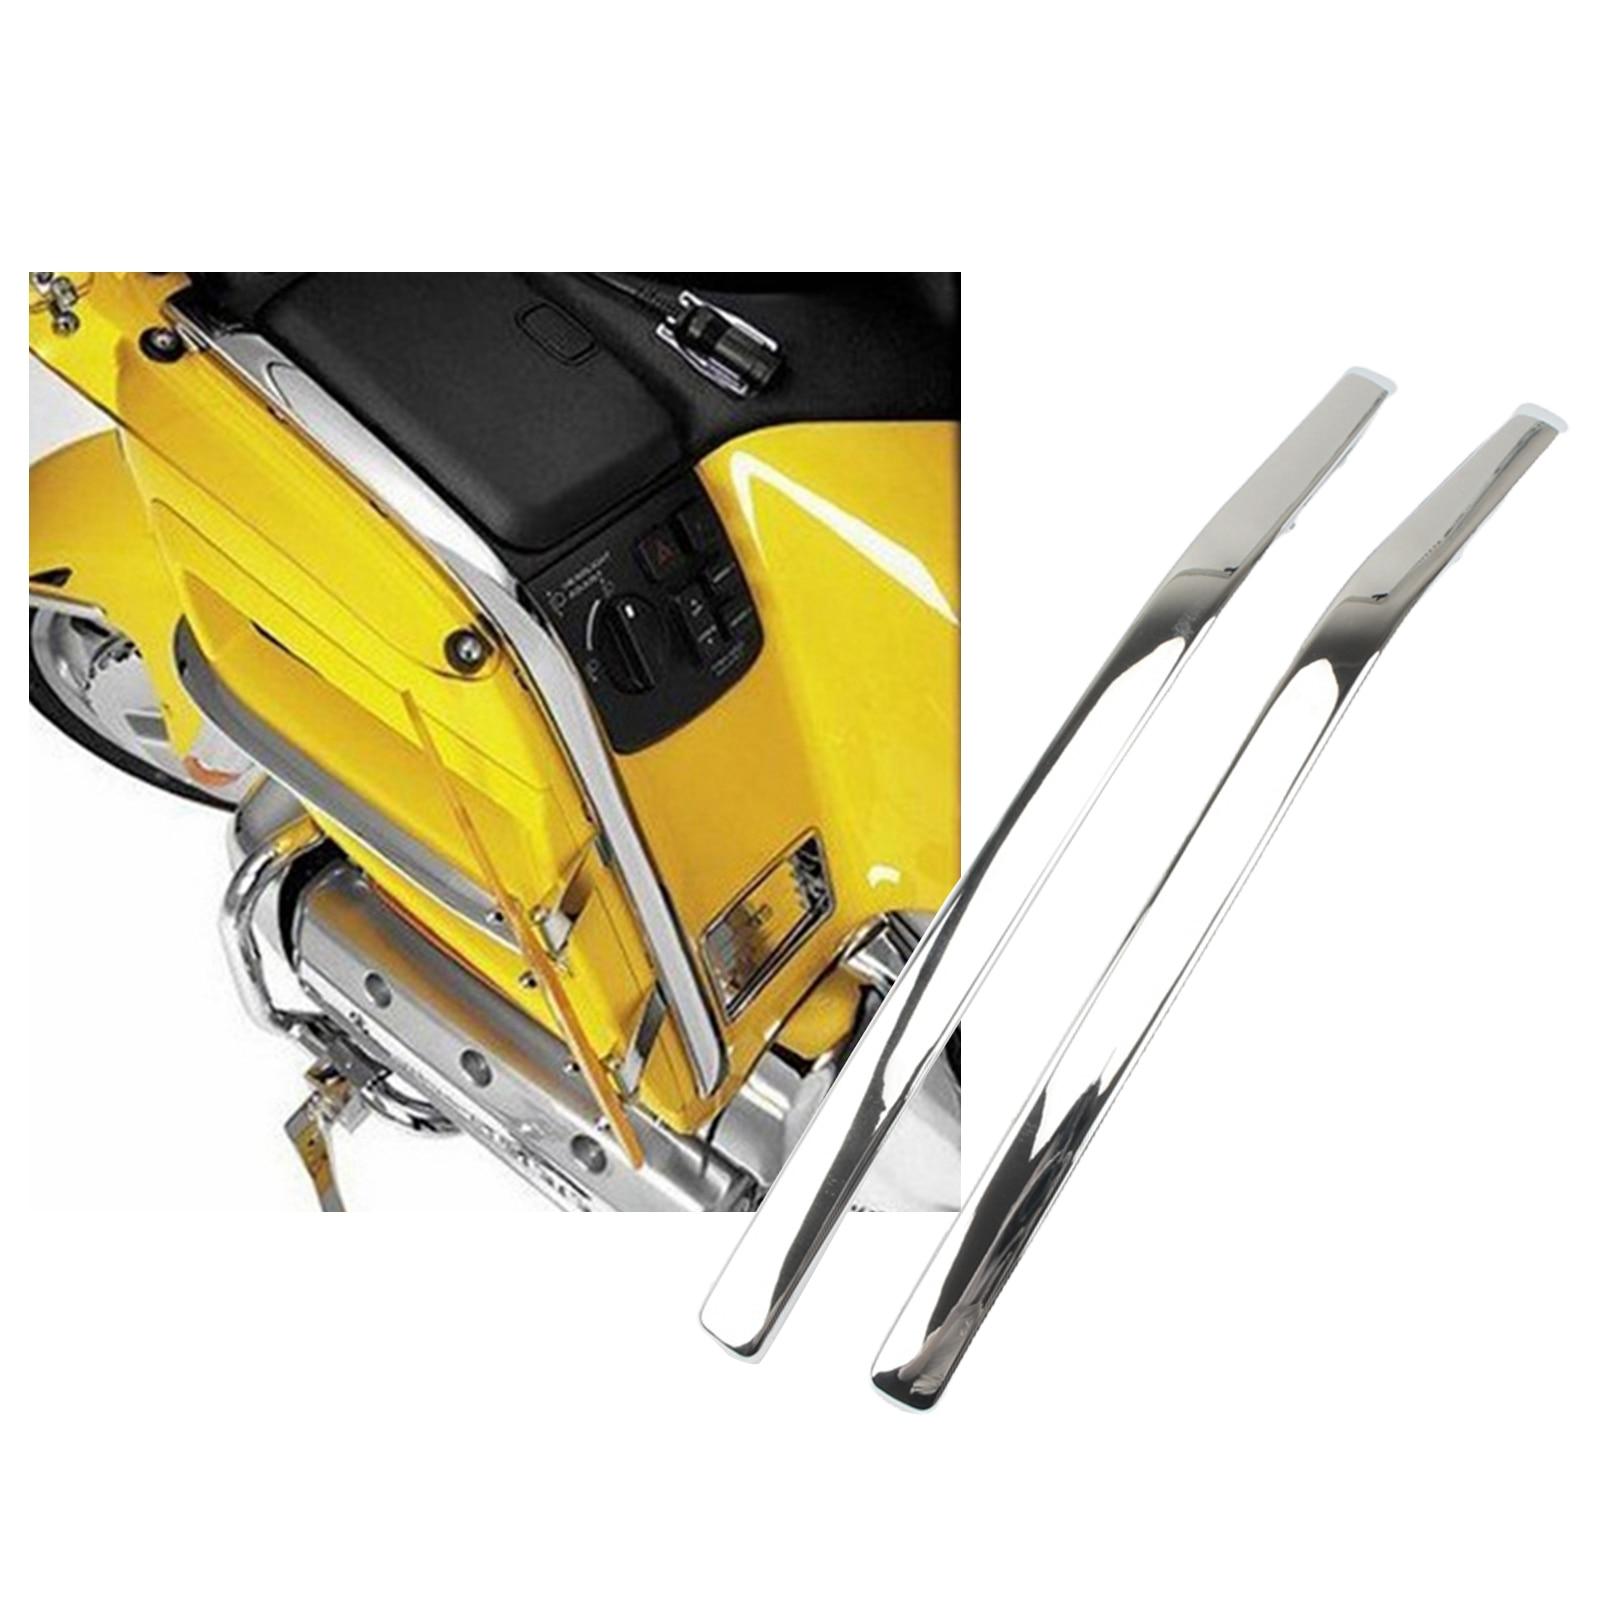 2 peças motocicletas conectando strake carenagem para honda goldwing gl1800 01-11